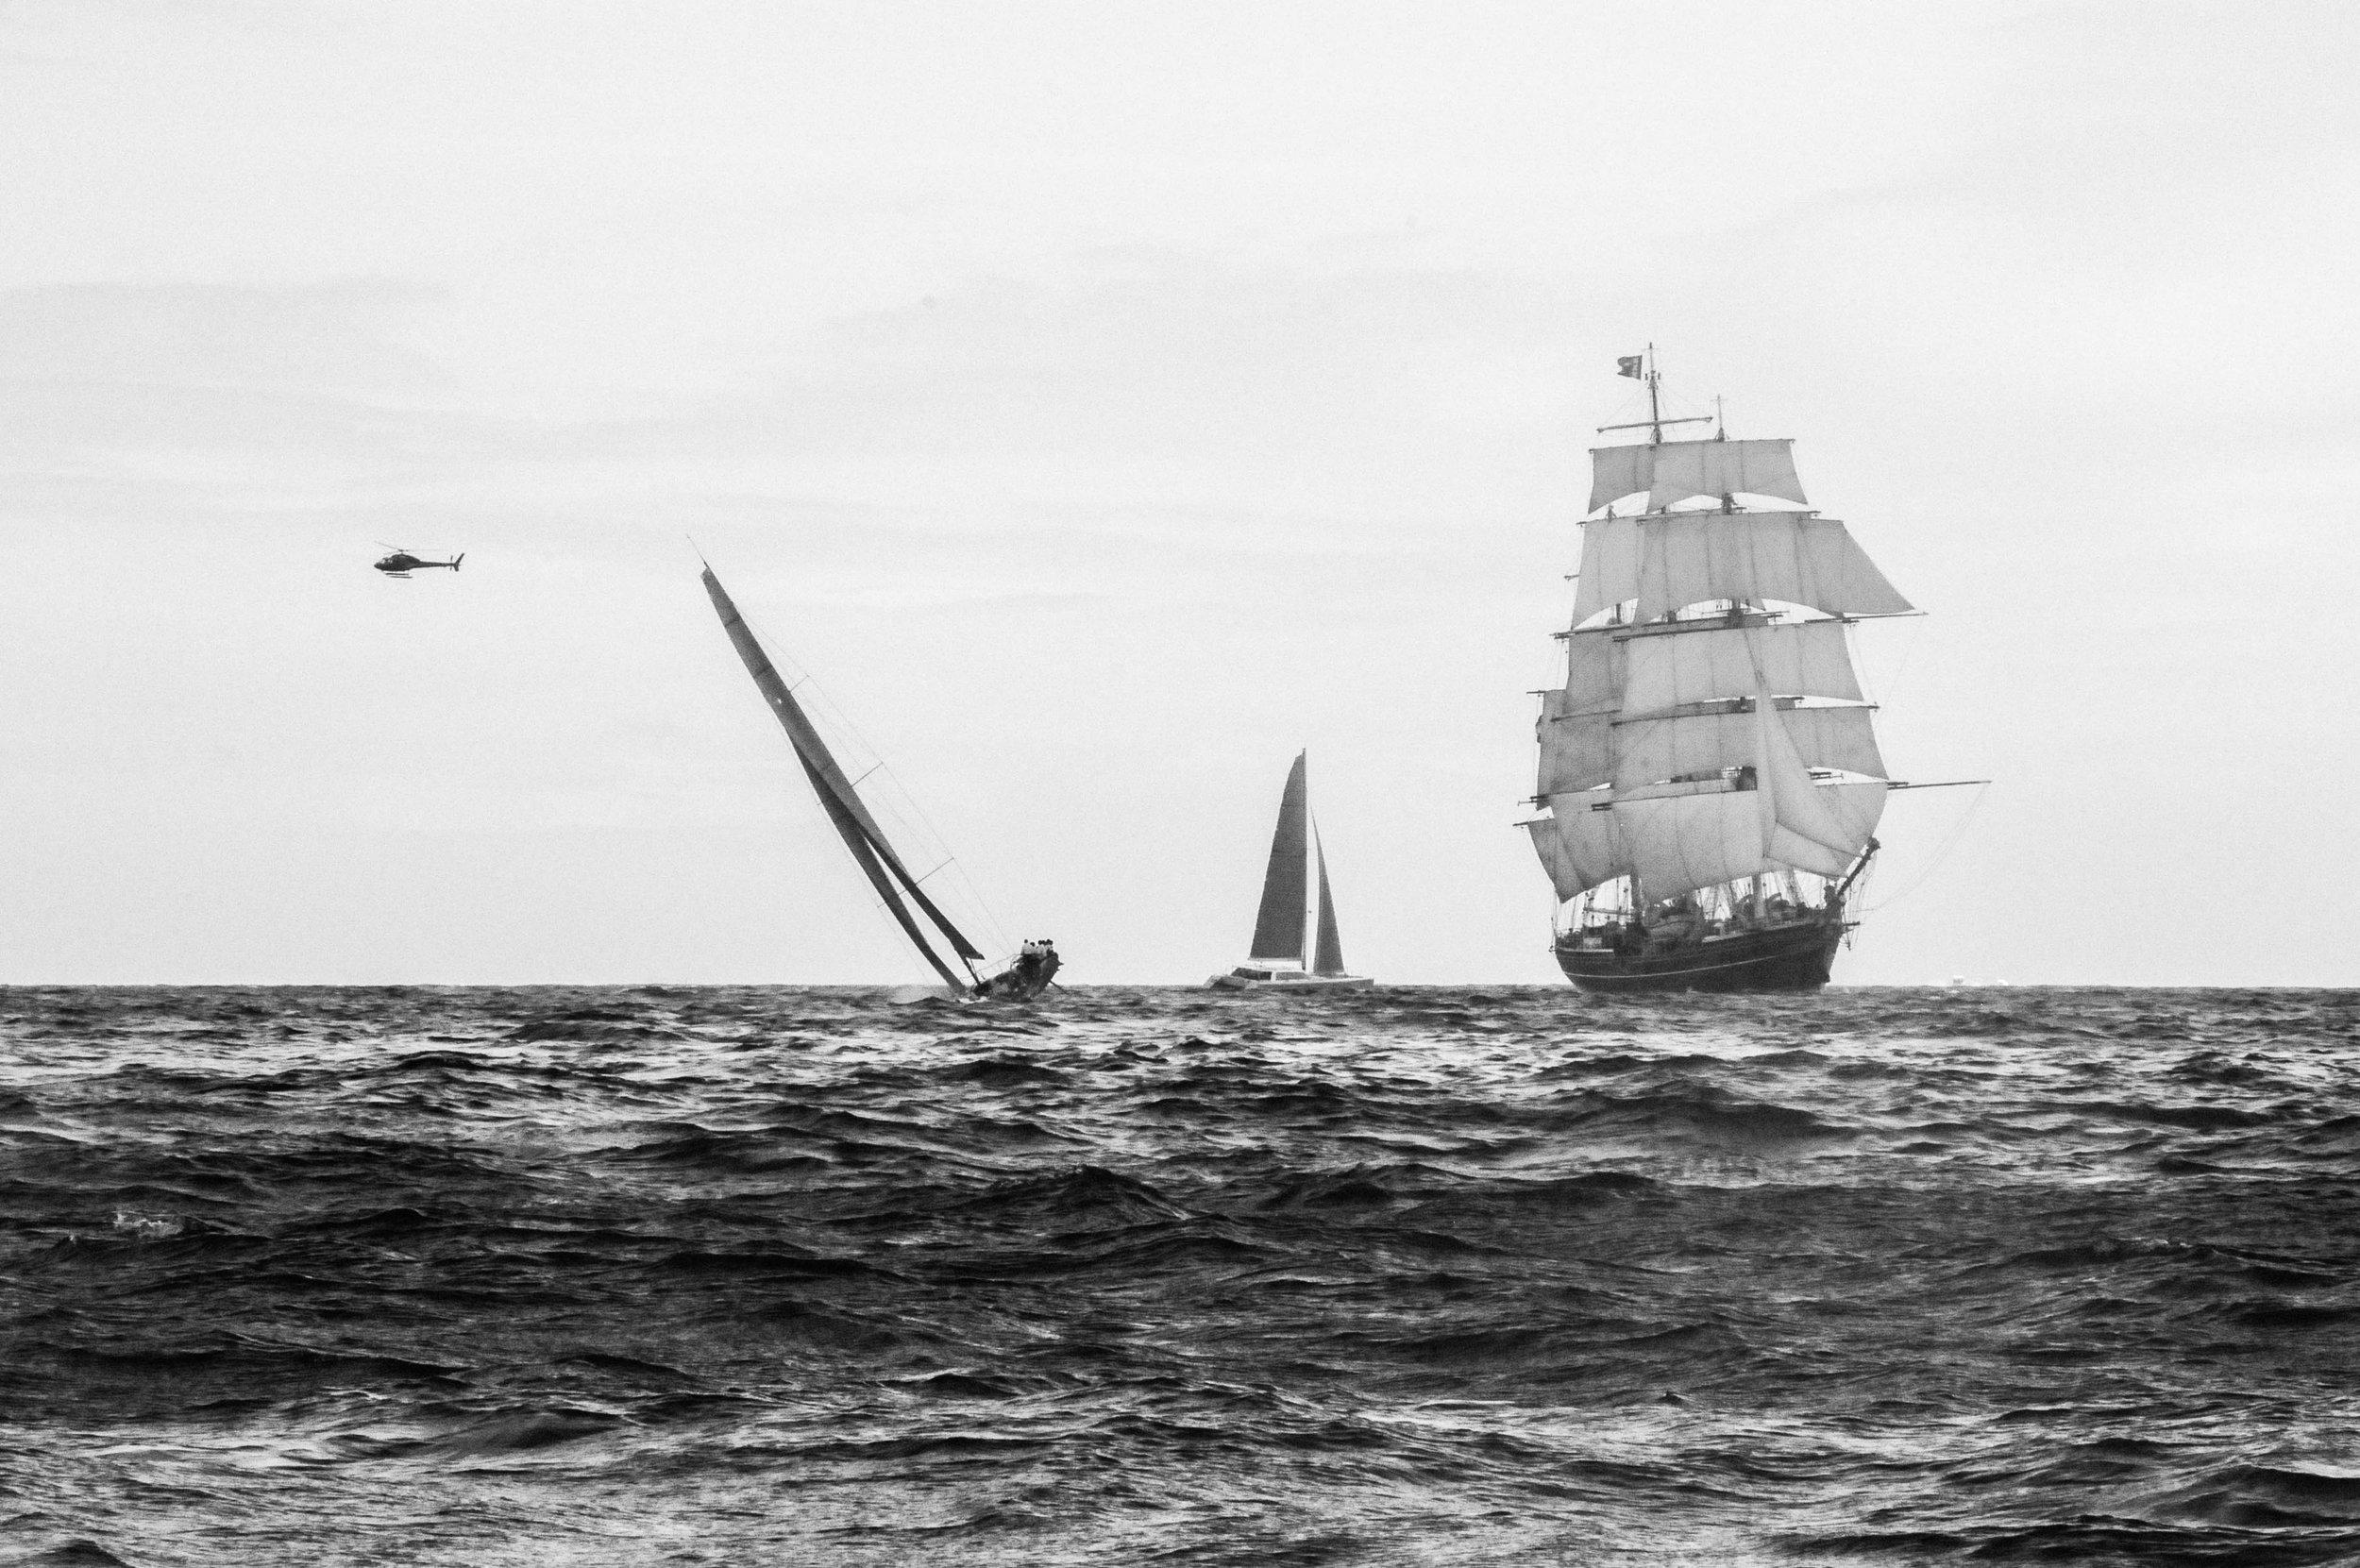 Heineken regatta / Travel